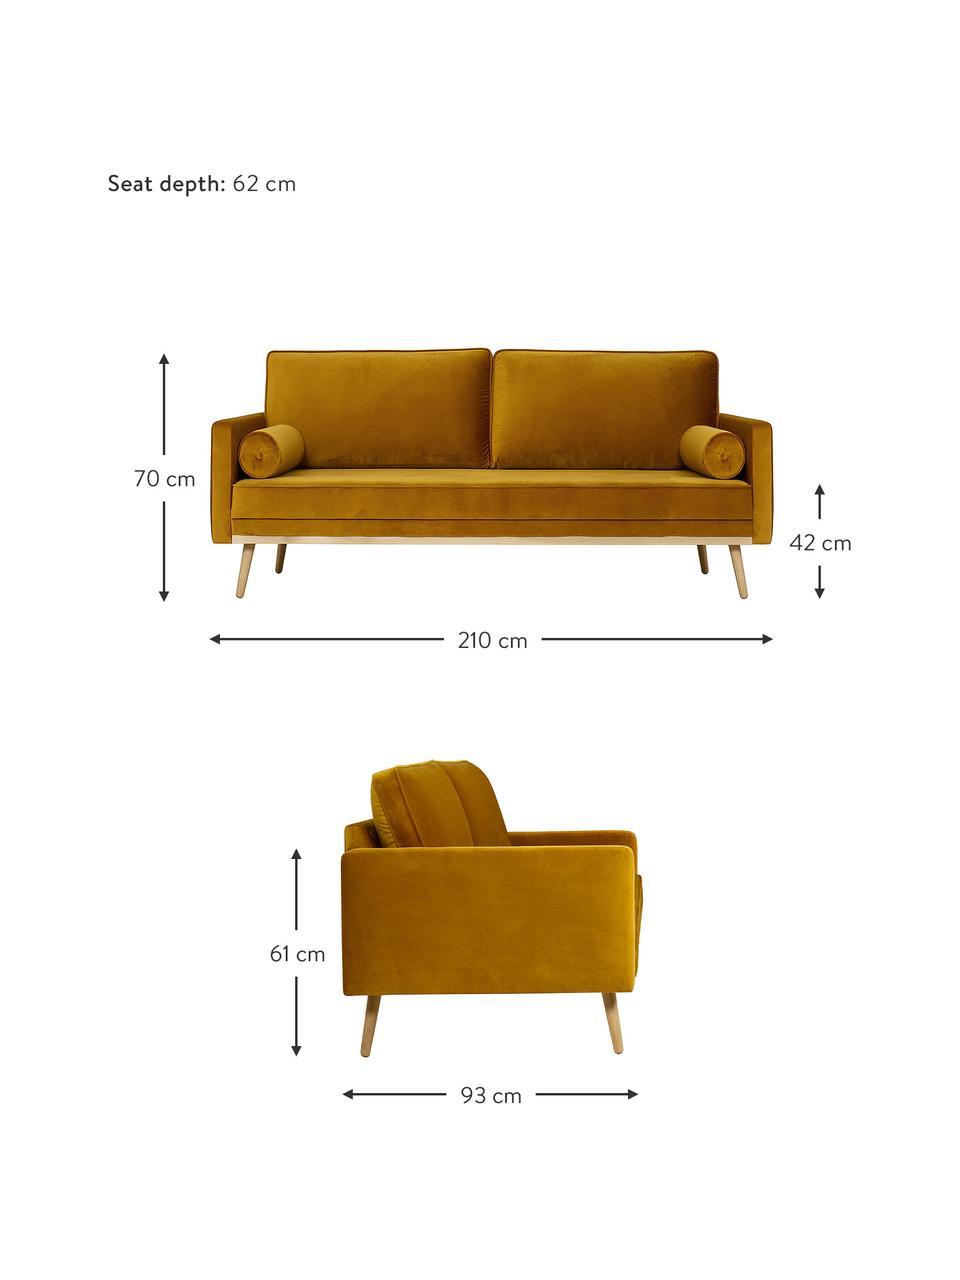 Samt-Sofa Saint (3-Sitzer) in Senfgelb mit Eichenholz-Füßen, Bezug: Samt (Polyester) Der hoch, Gestell: Massives Eichenholz, Span, Samt Senfgelb, B 210 x T 93 cm